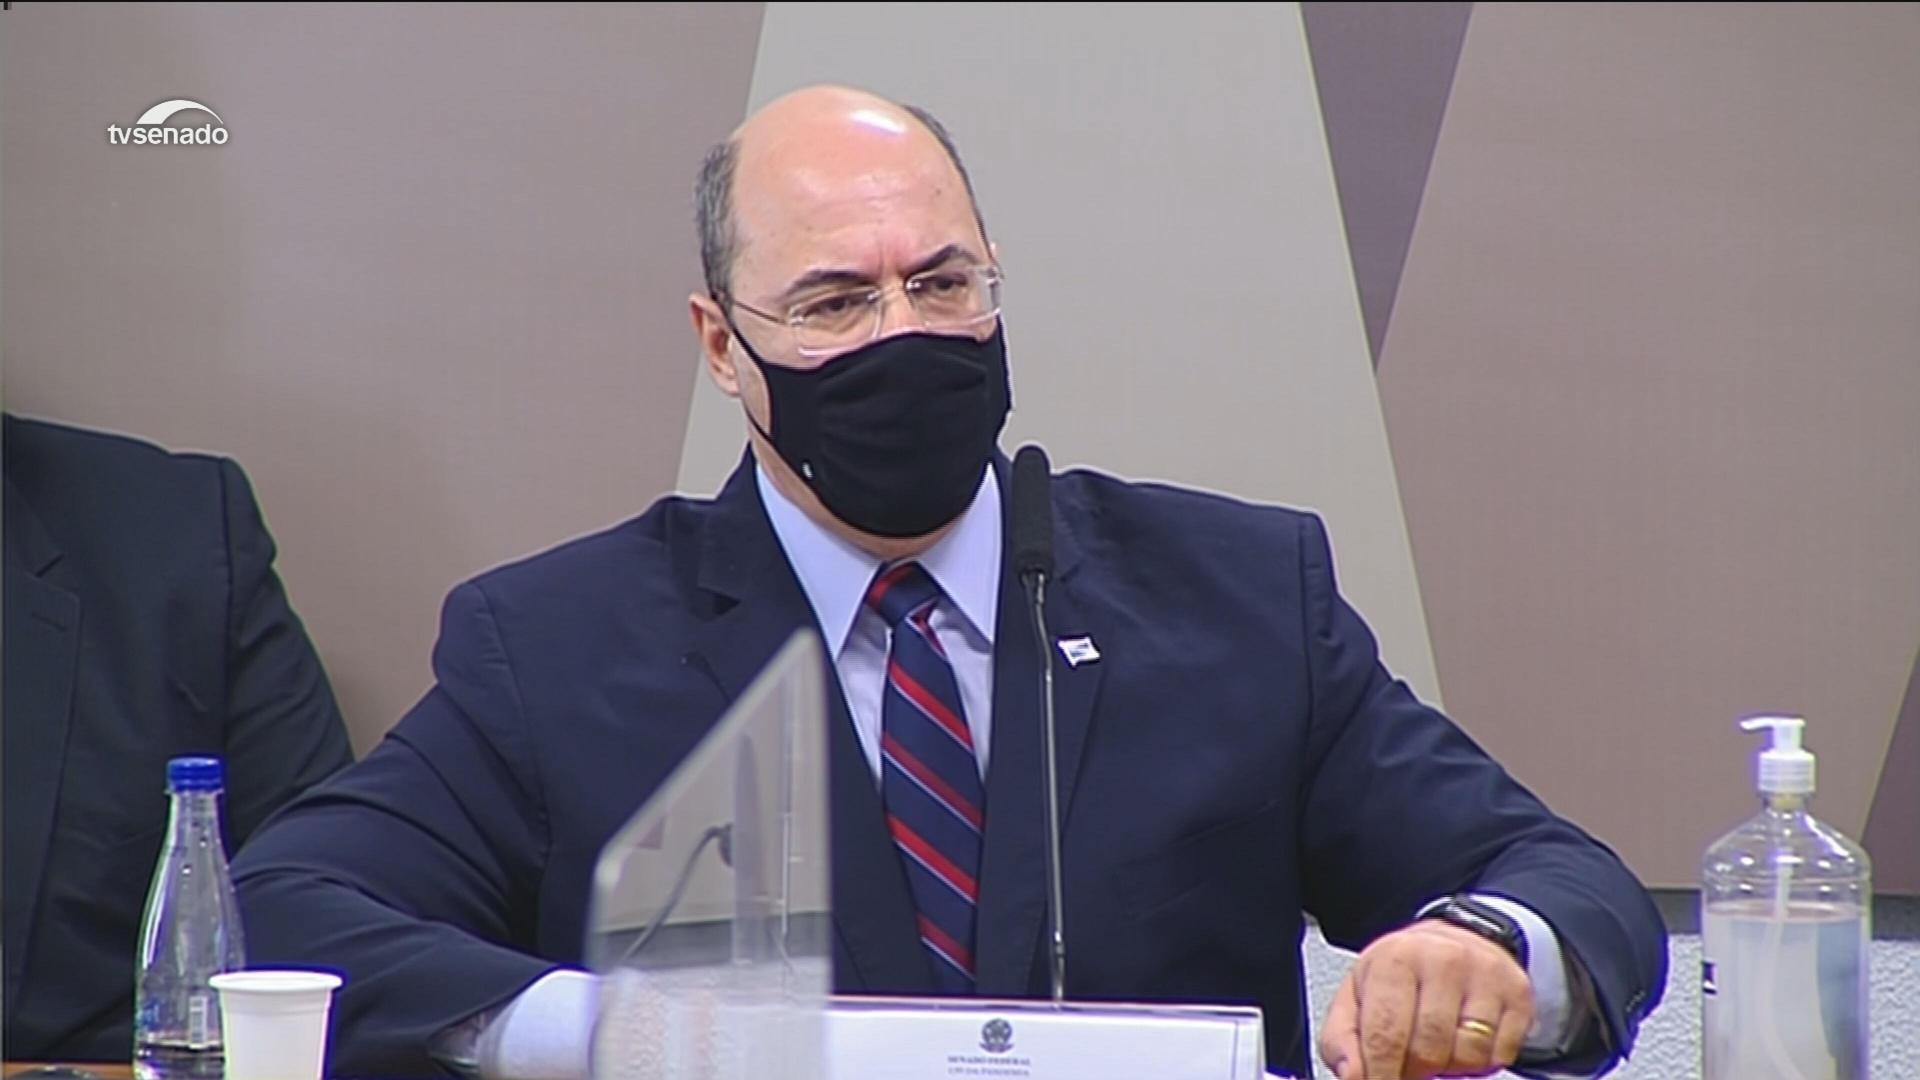 VÍDEOS: Wilson Witzel, ex-governador do RJ, depõe na CPI da Covid